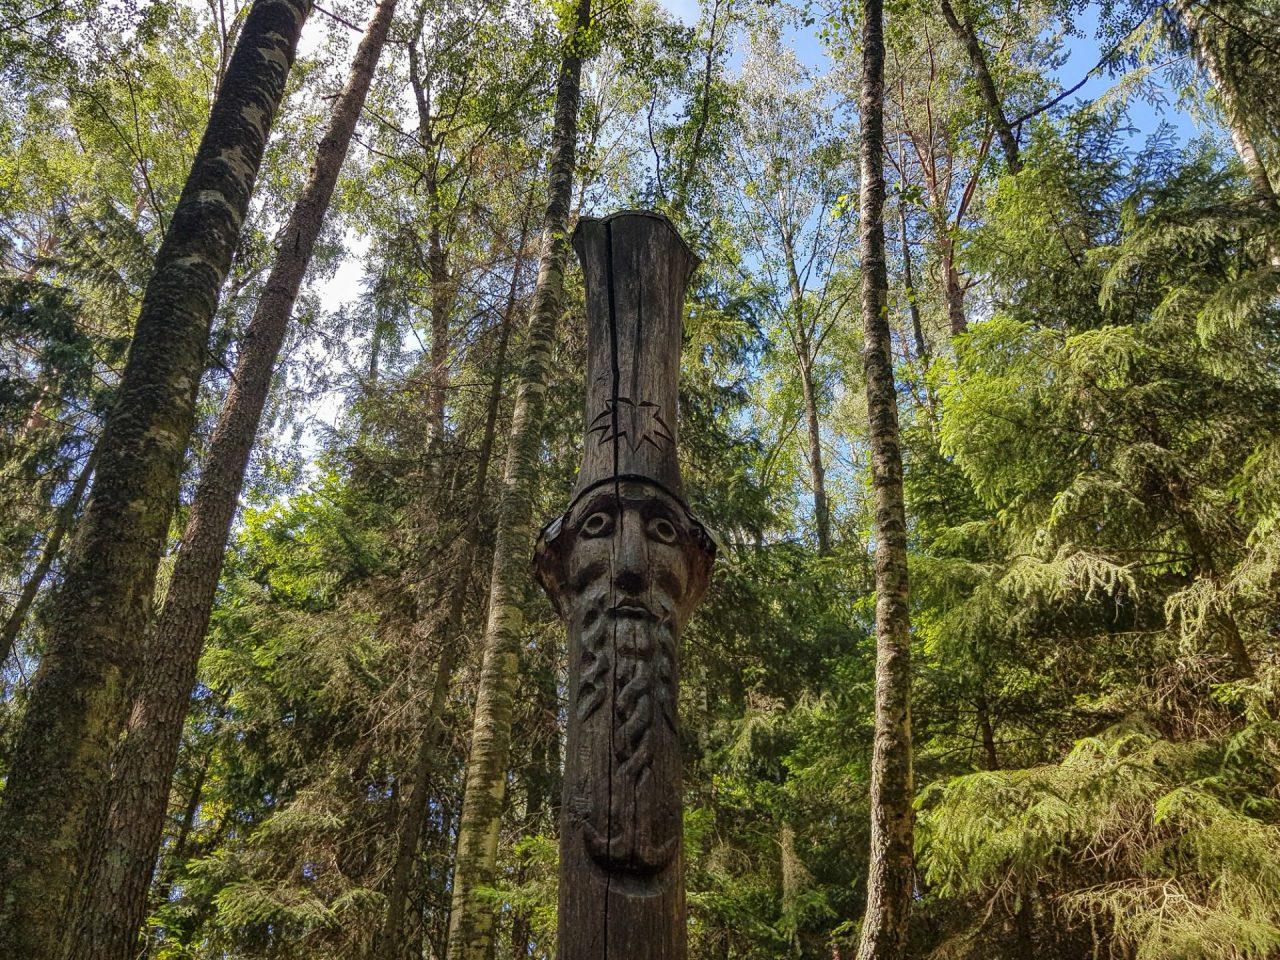 lituanie-isthme-de-courlande-juodkrante-colline-des-sorcieres-sculpture-legende